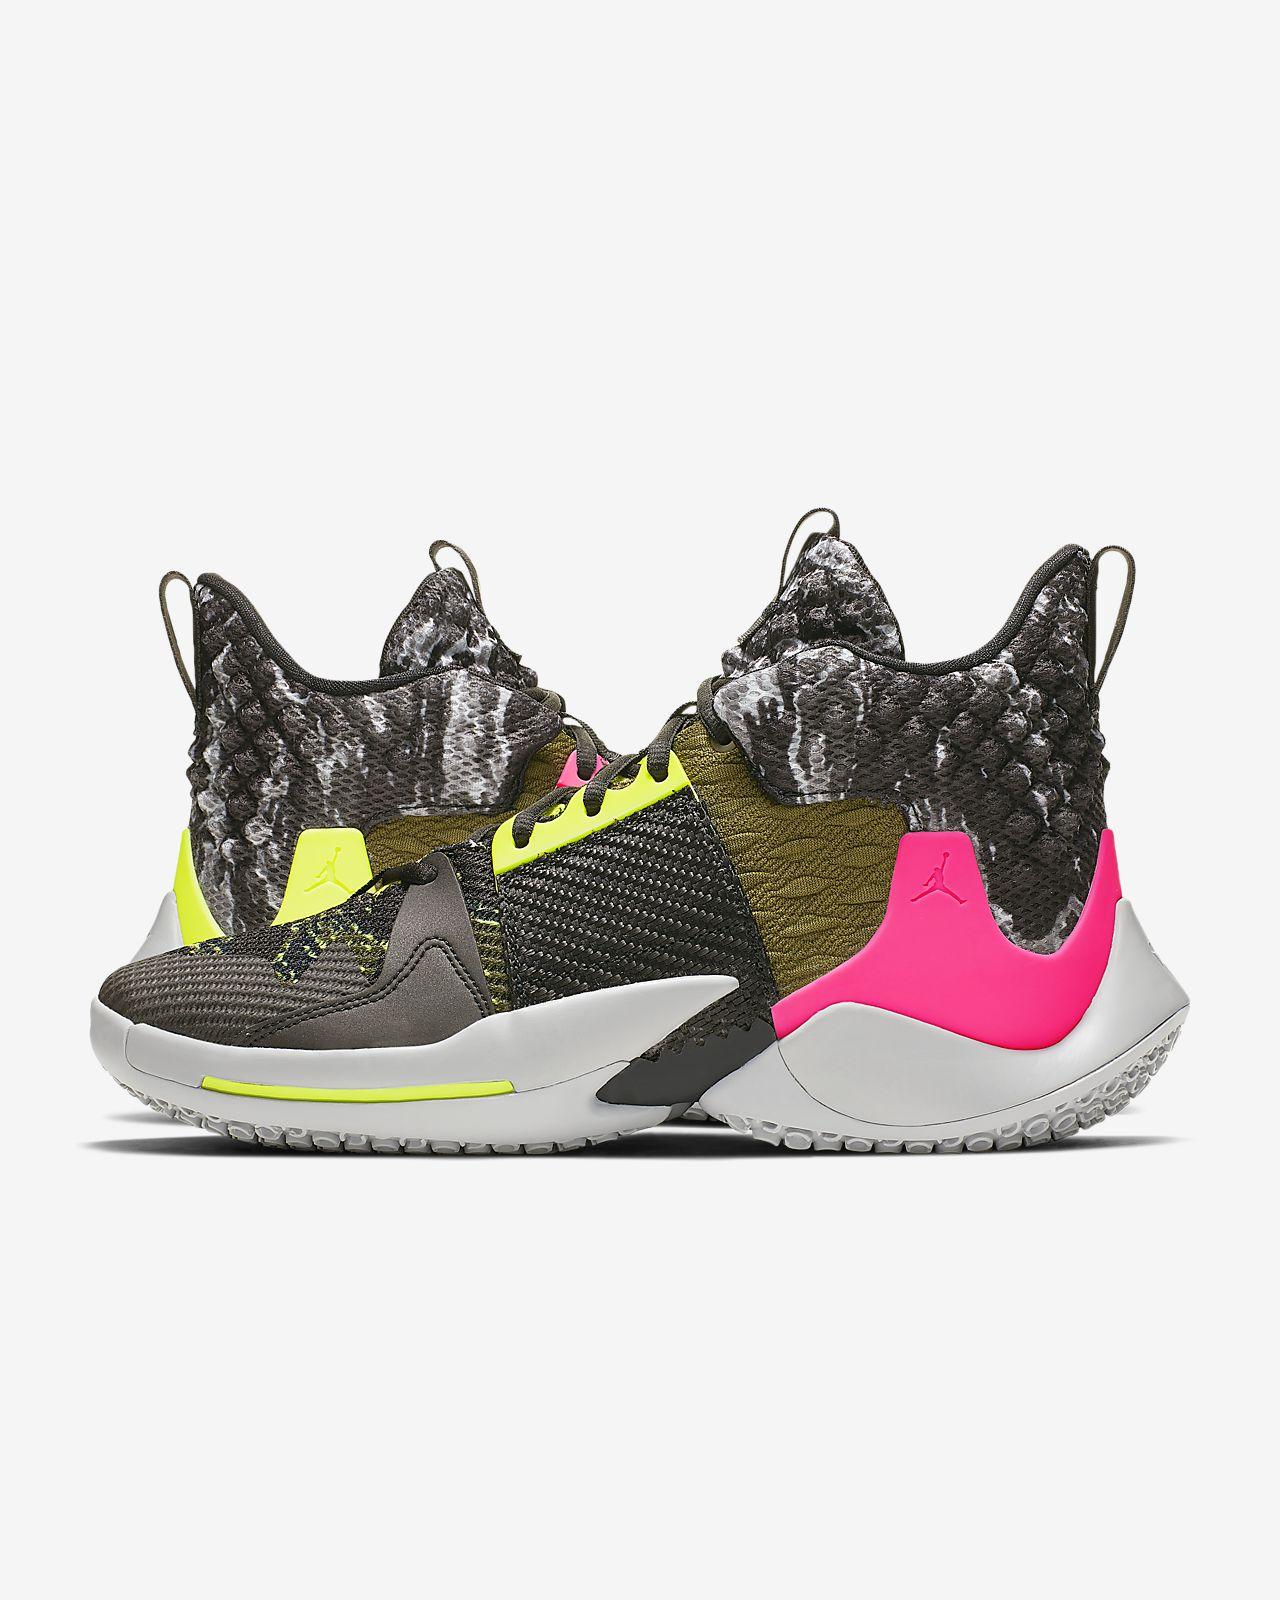 8769ed71c93 Zer0.2 pour Homme Chaussure de basketball Jordan « Why Not  » Zer0.2 pour  Homme